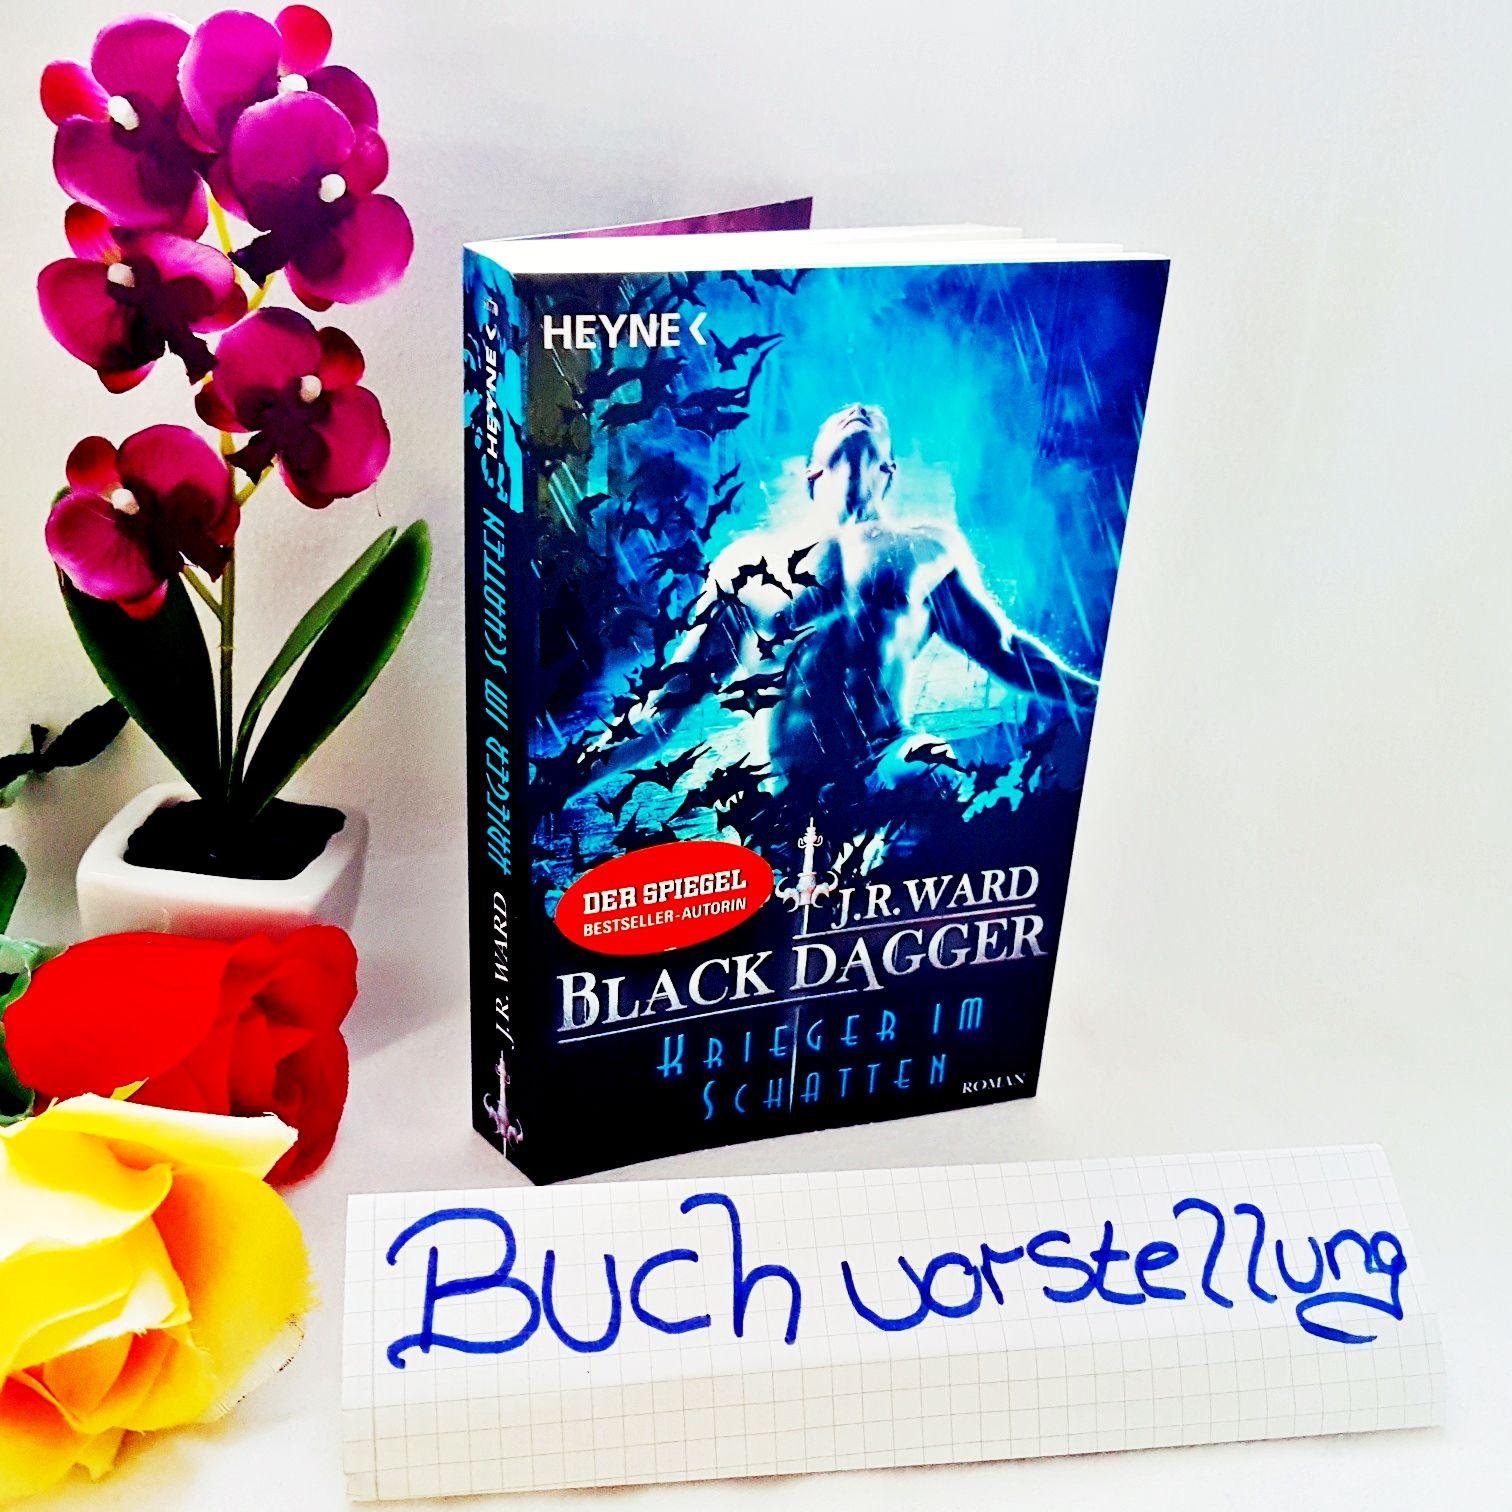 Black Dagger Krieger im Schatten von J.R.Ward